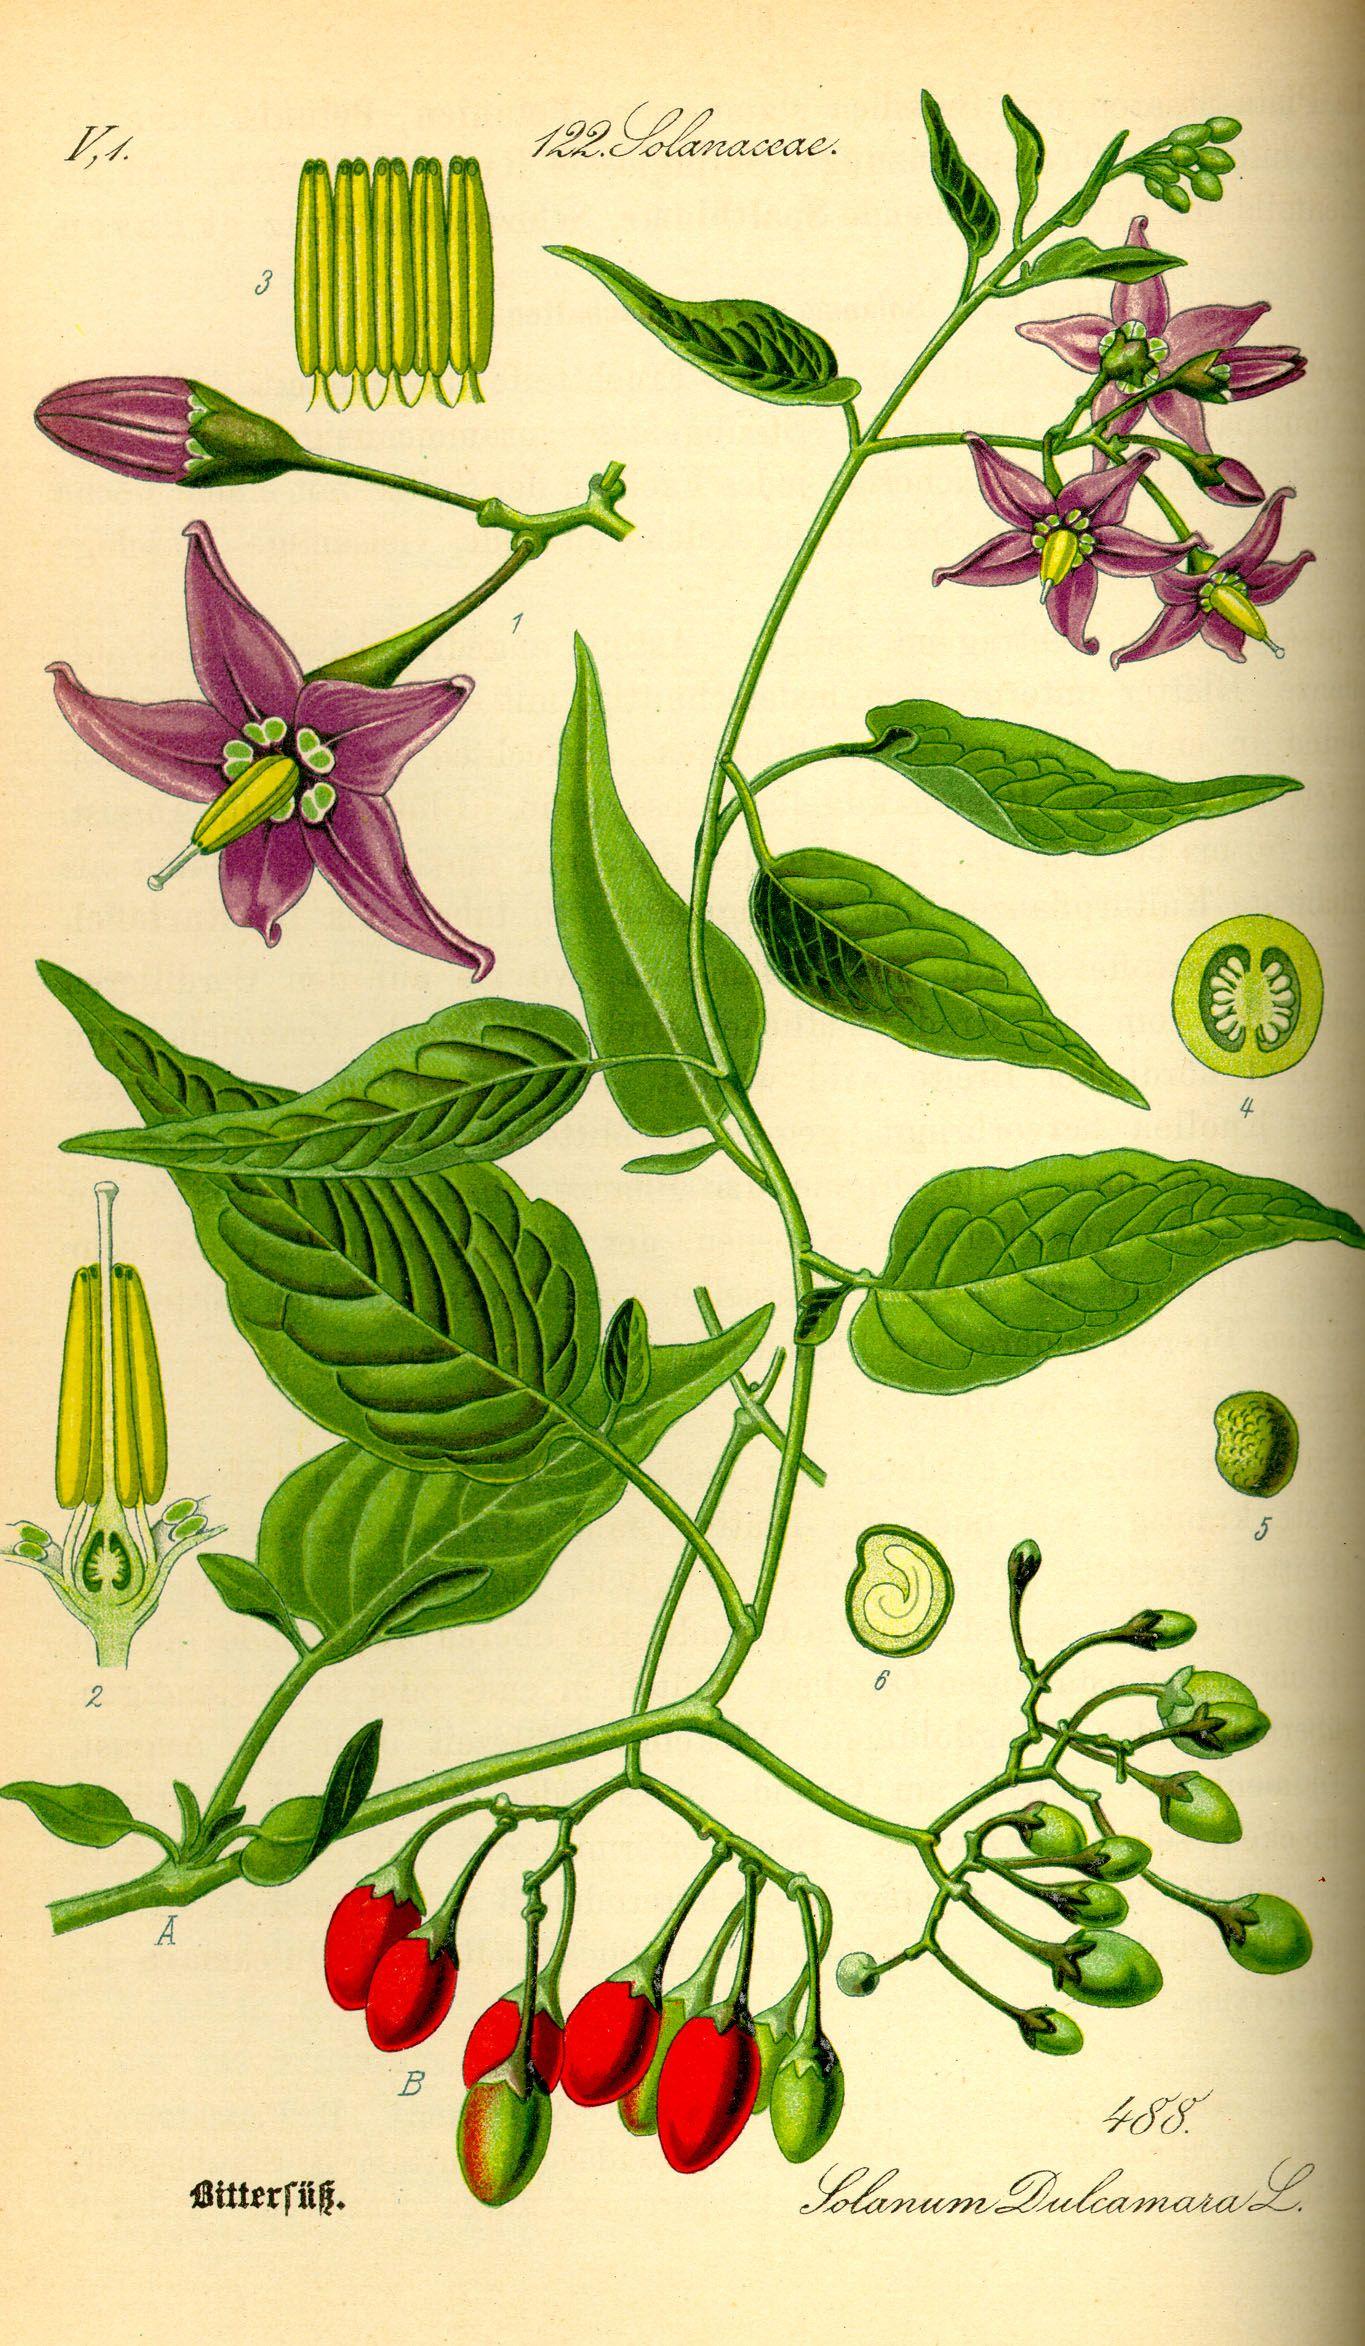 Solanum dulcamara (Woody Nightshade) | Pflanzenzeichnung | Pinterest ...